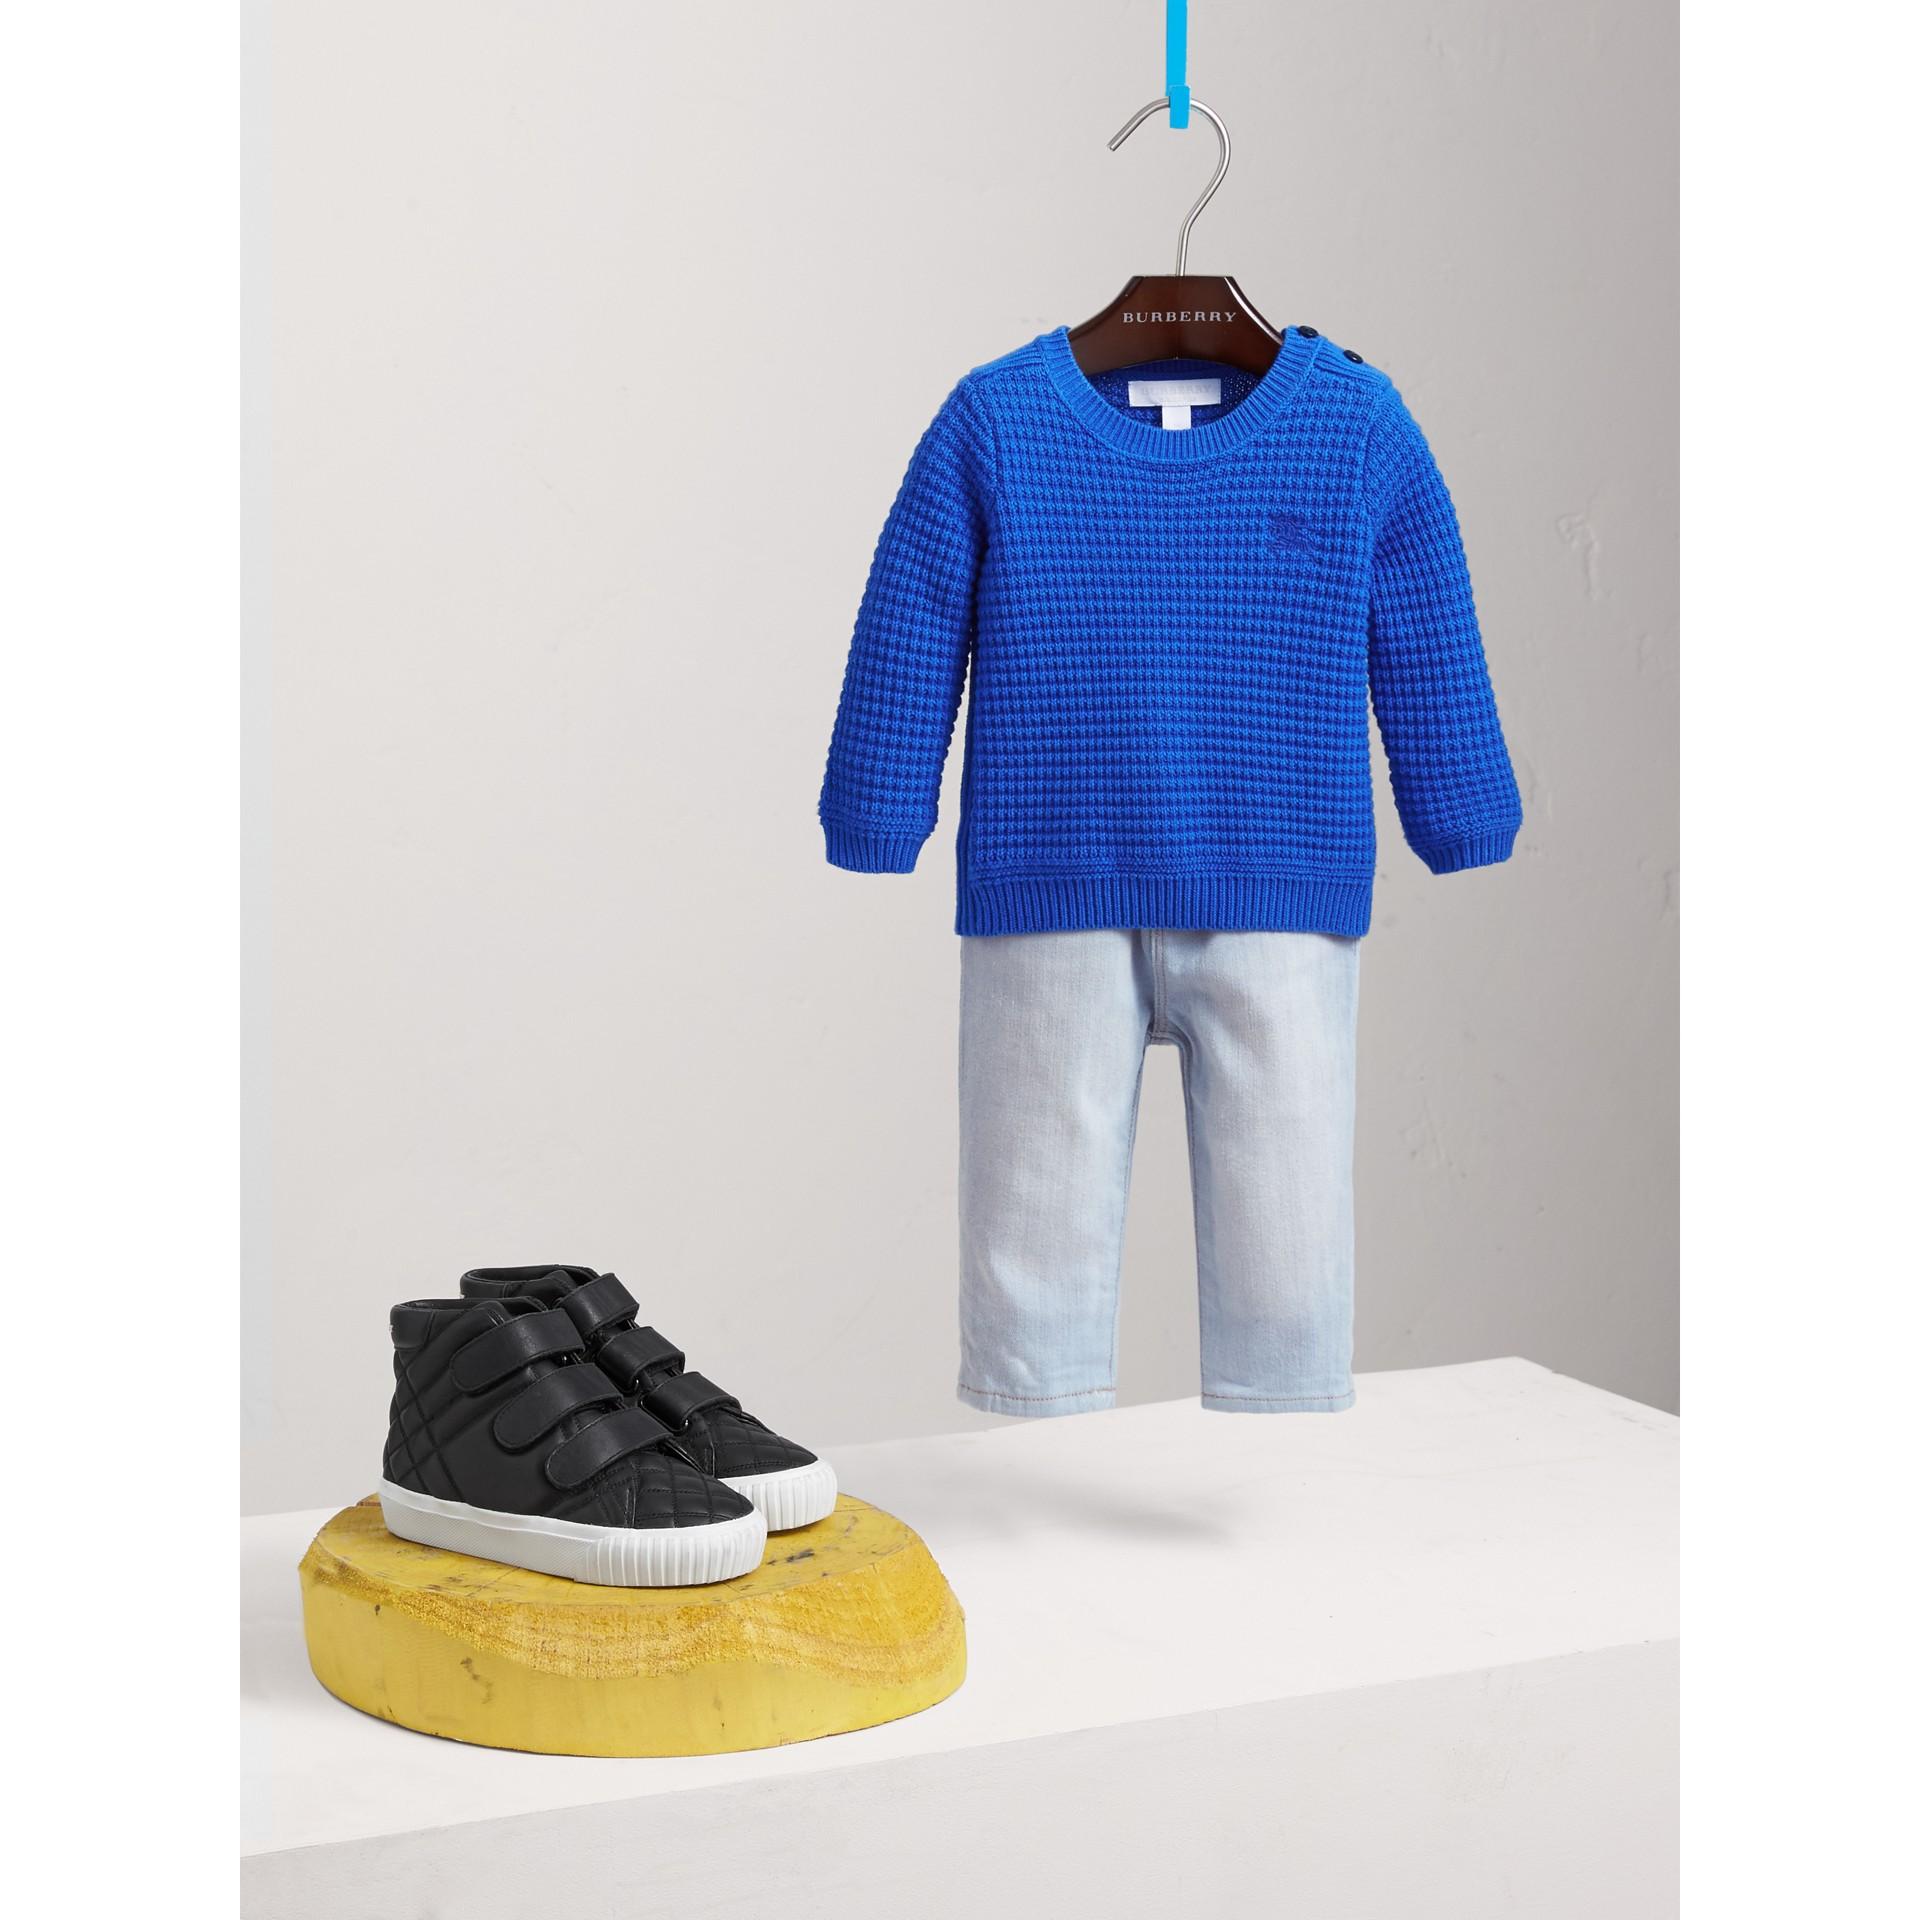 와플 니트 코튼 스웨터 (코발트 블루) | Burberry - 갤러리 이미지 2